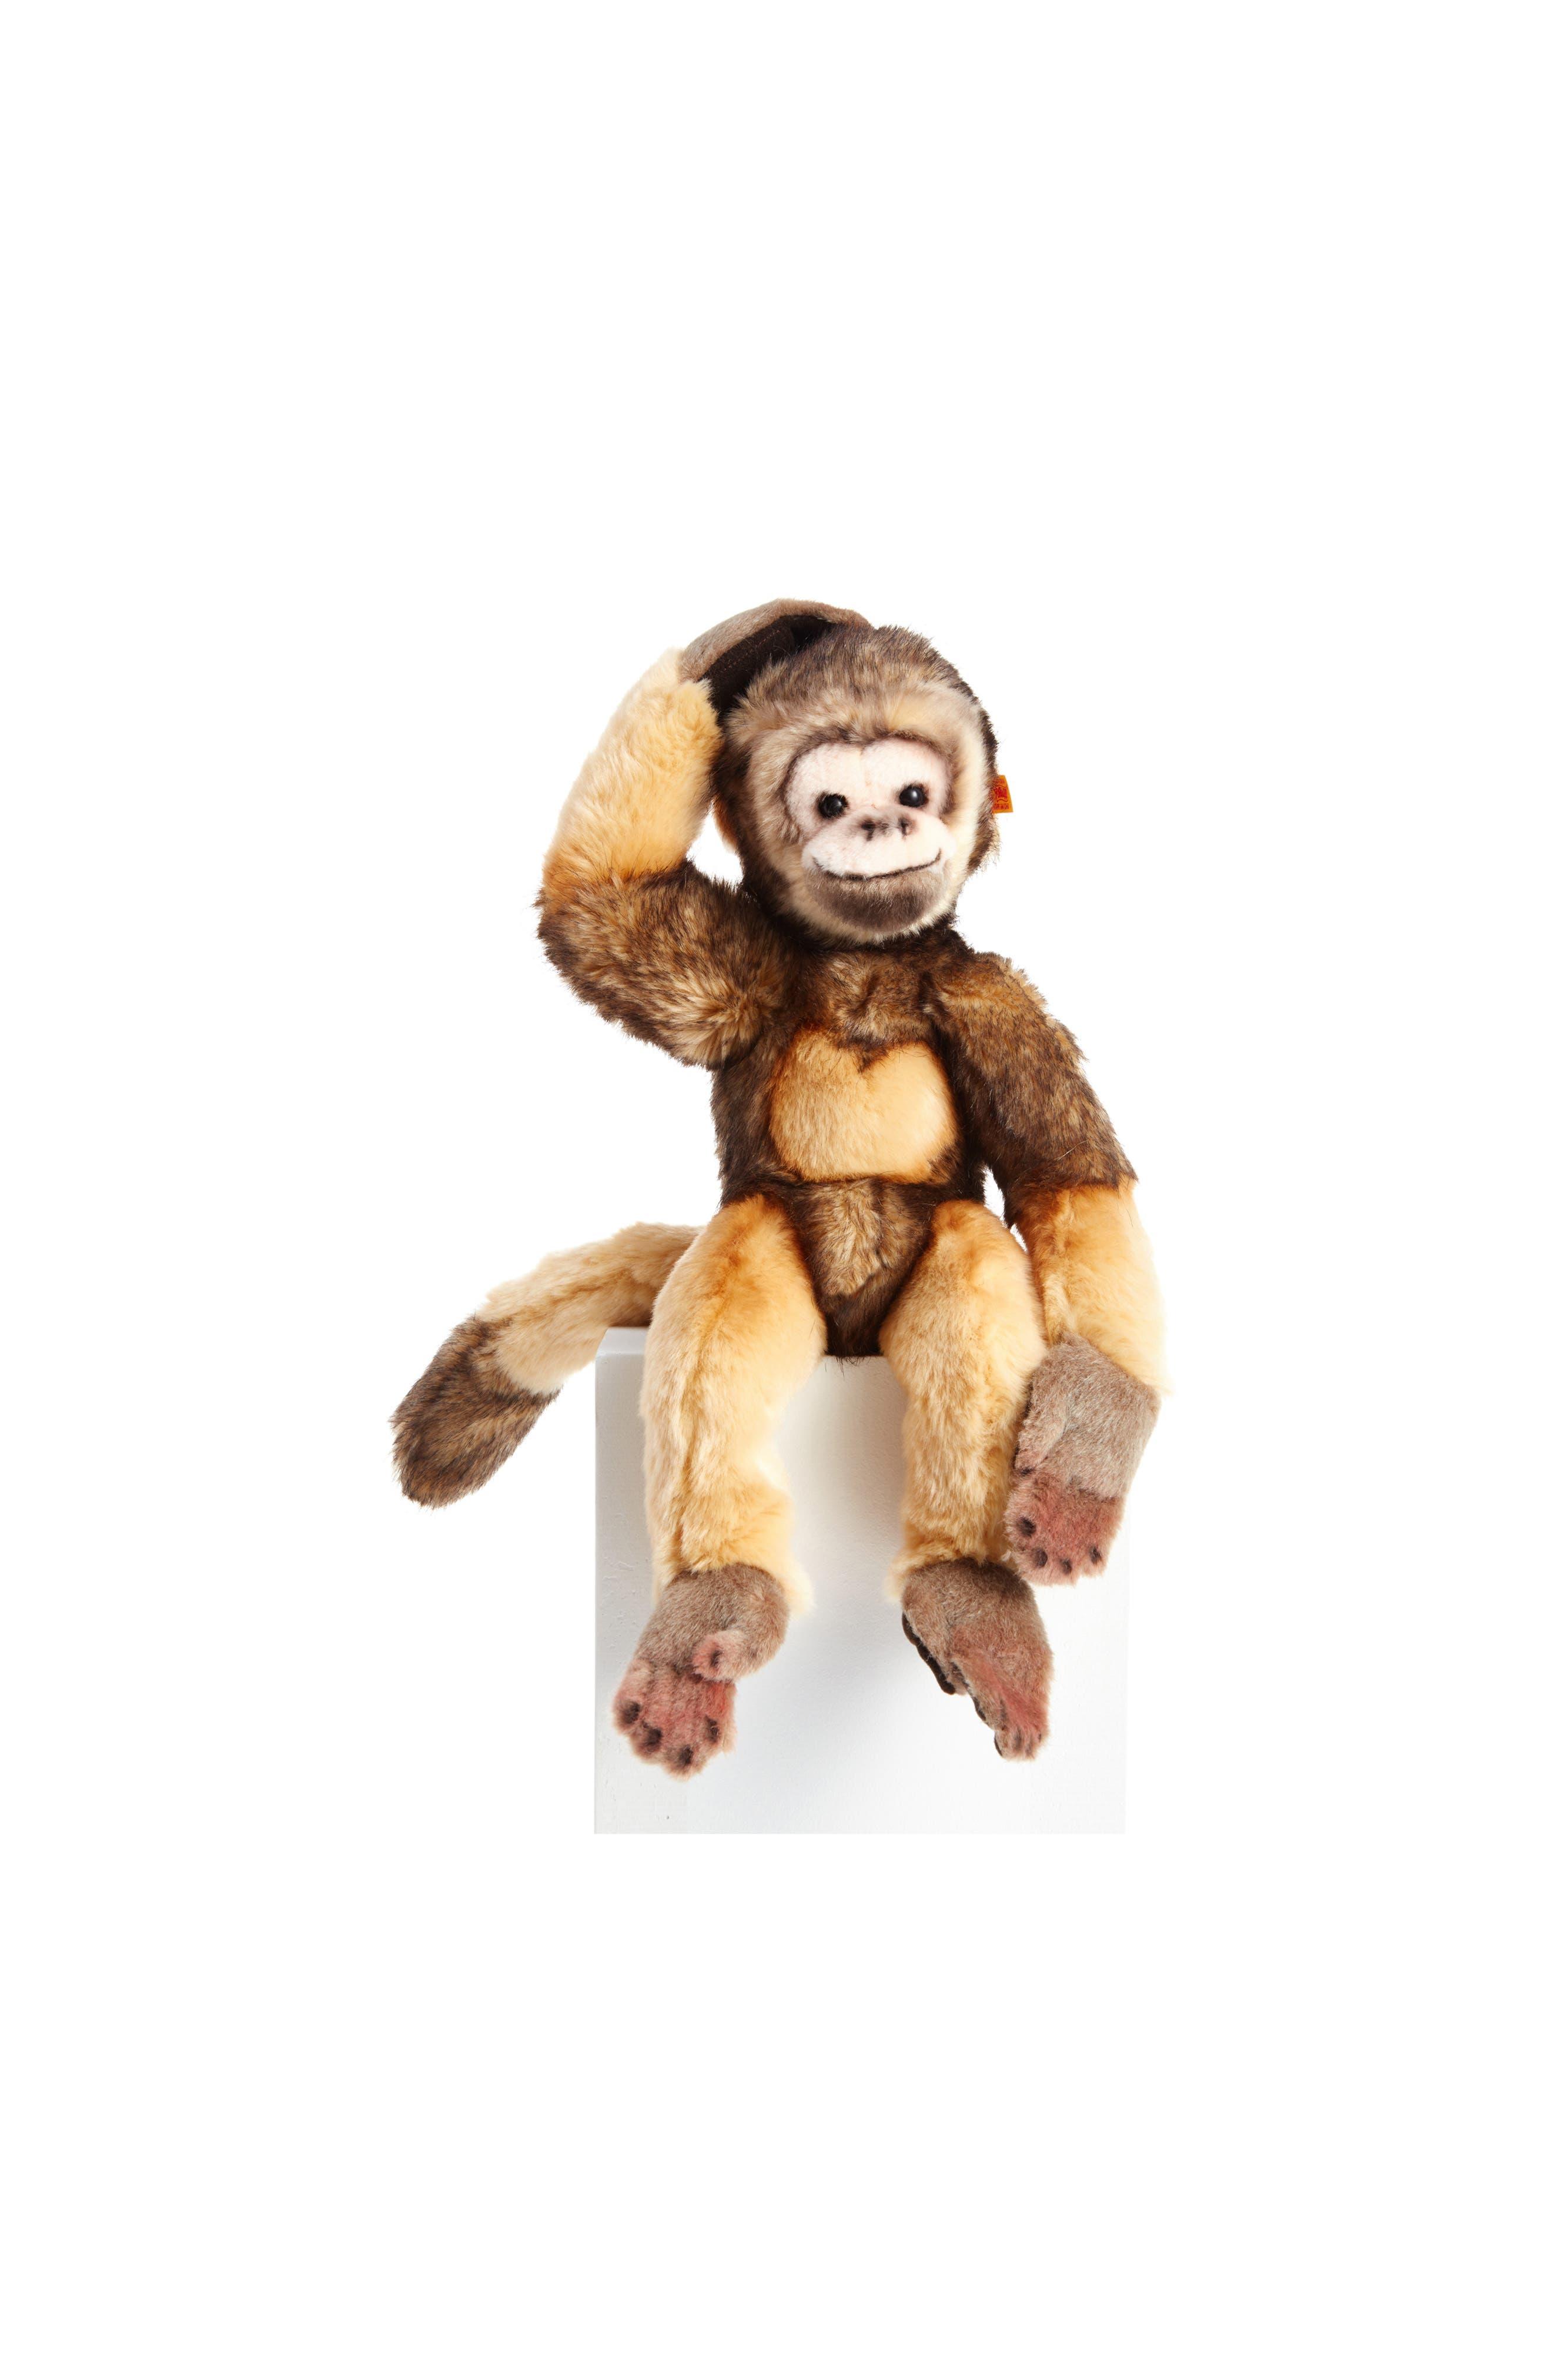 Steiff Mungo the Magnetic Monkey Stuffed Animal